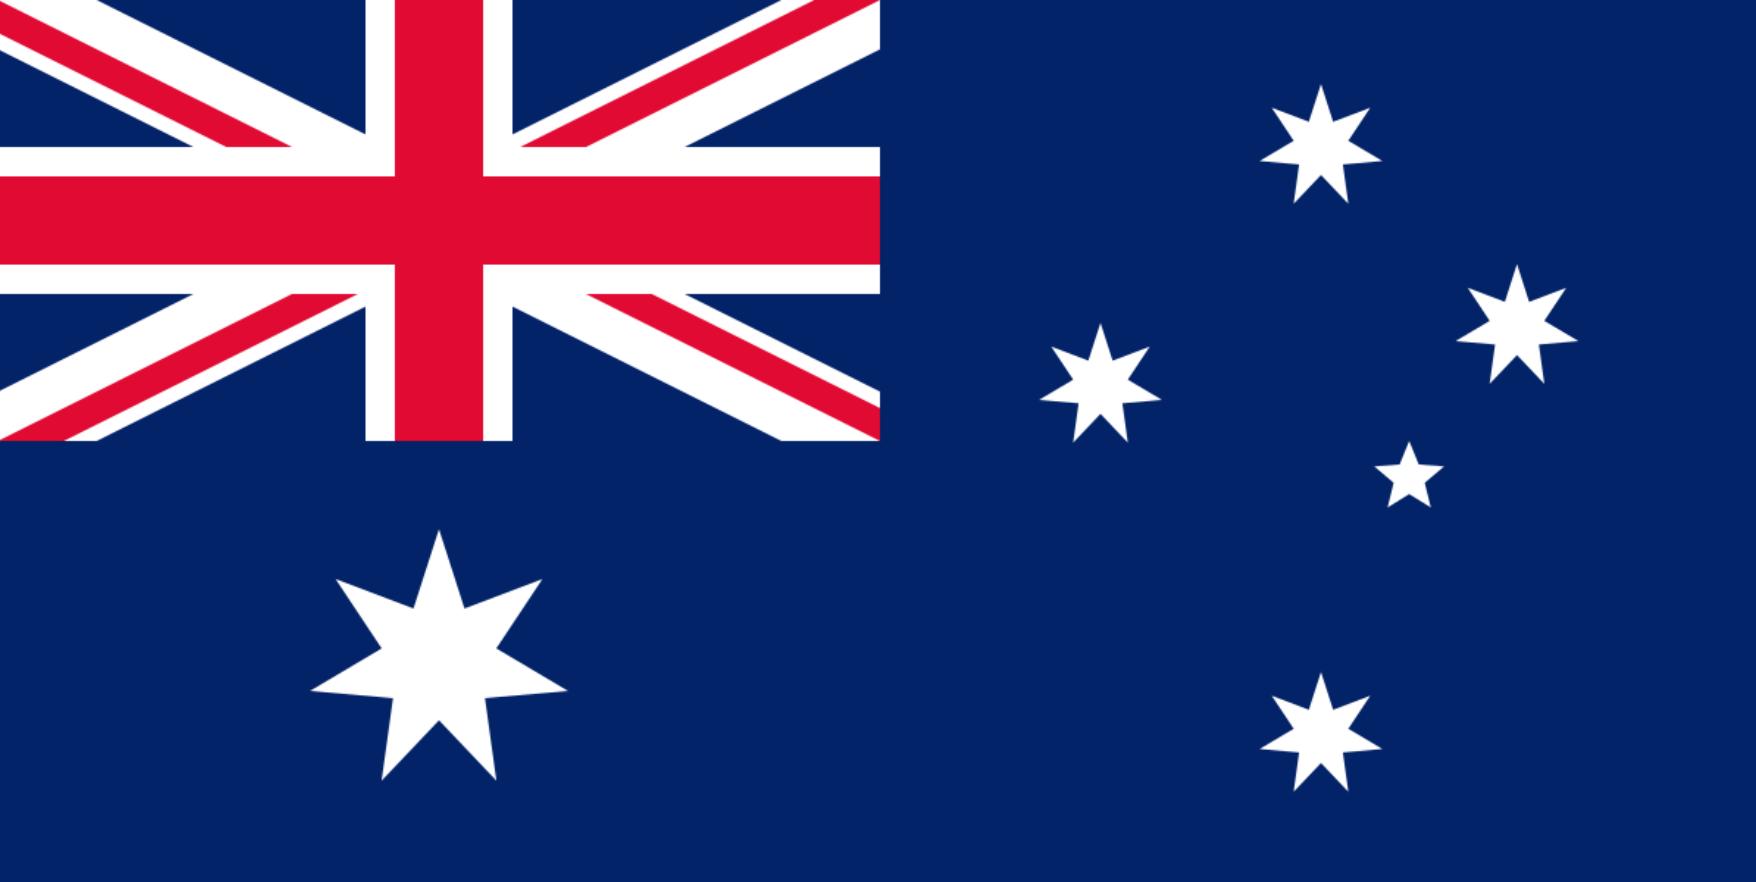 shark bay aviation australia